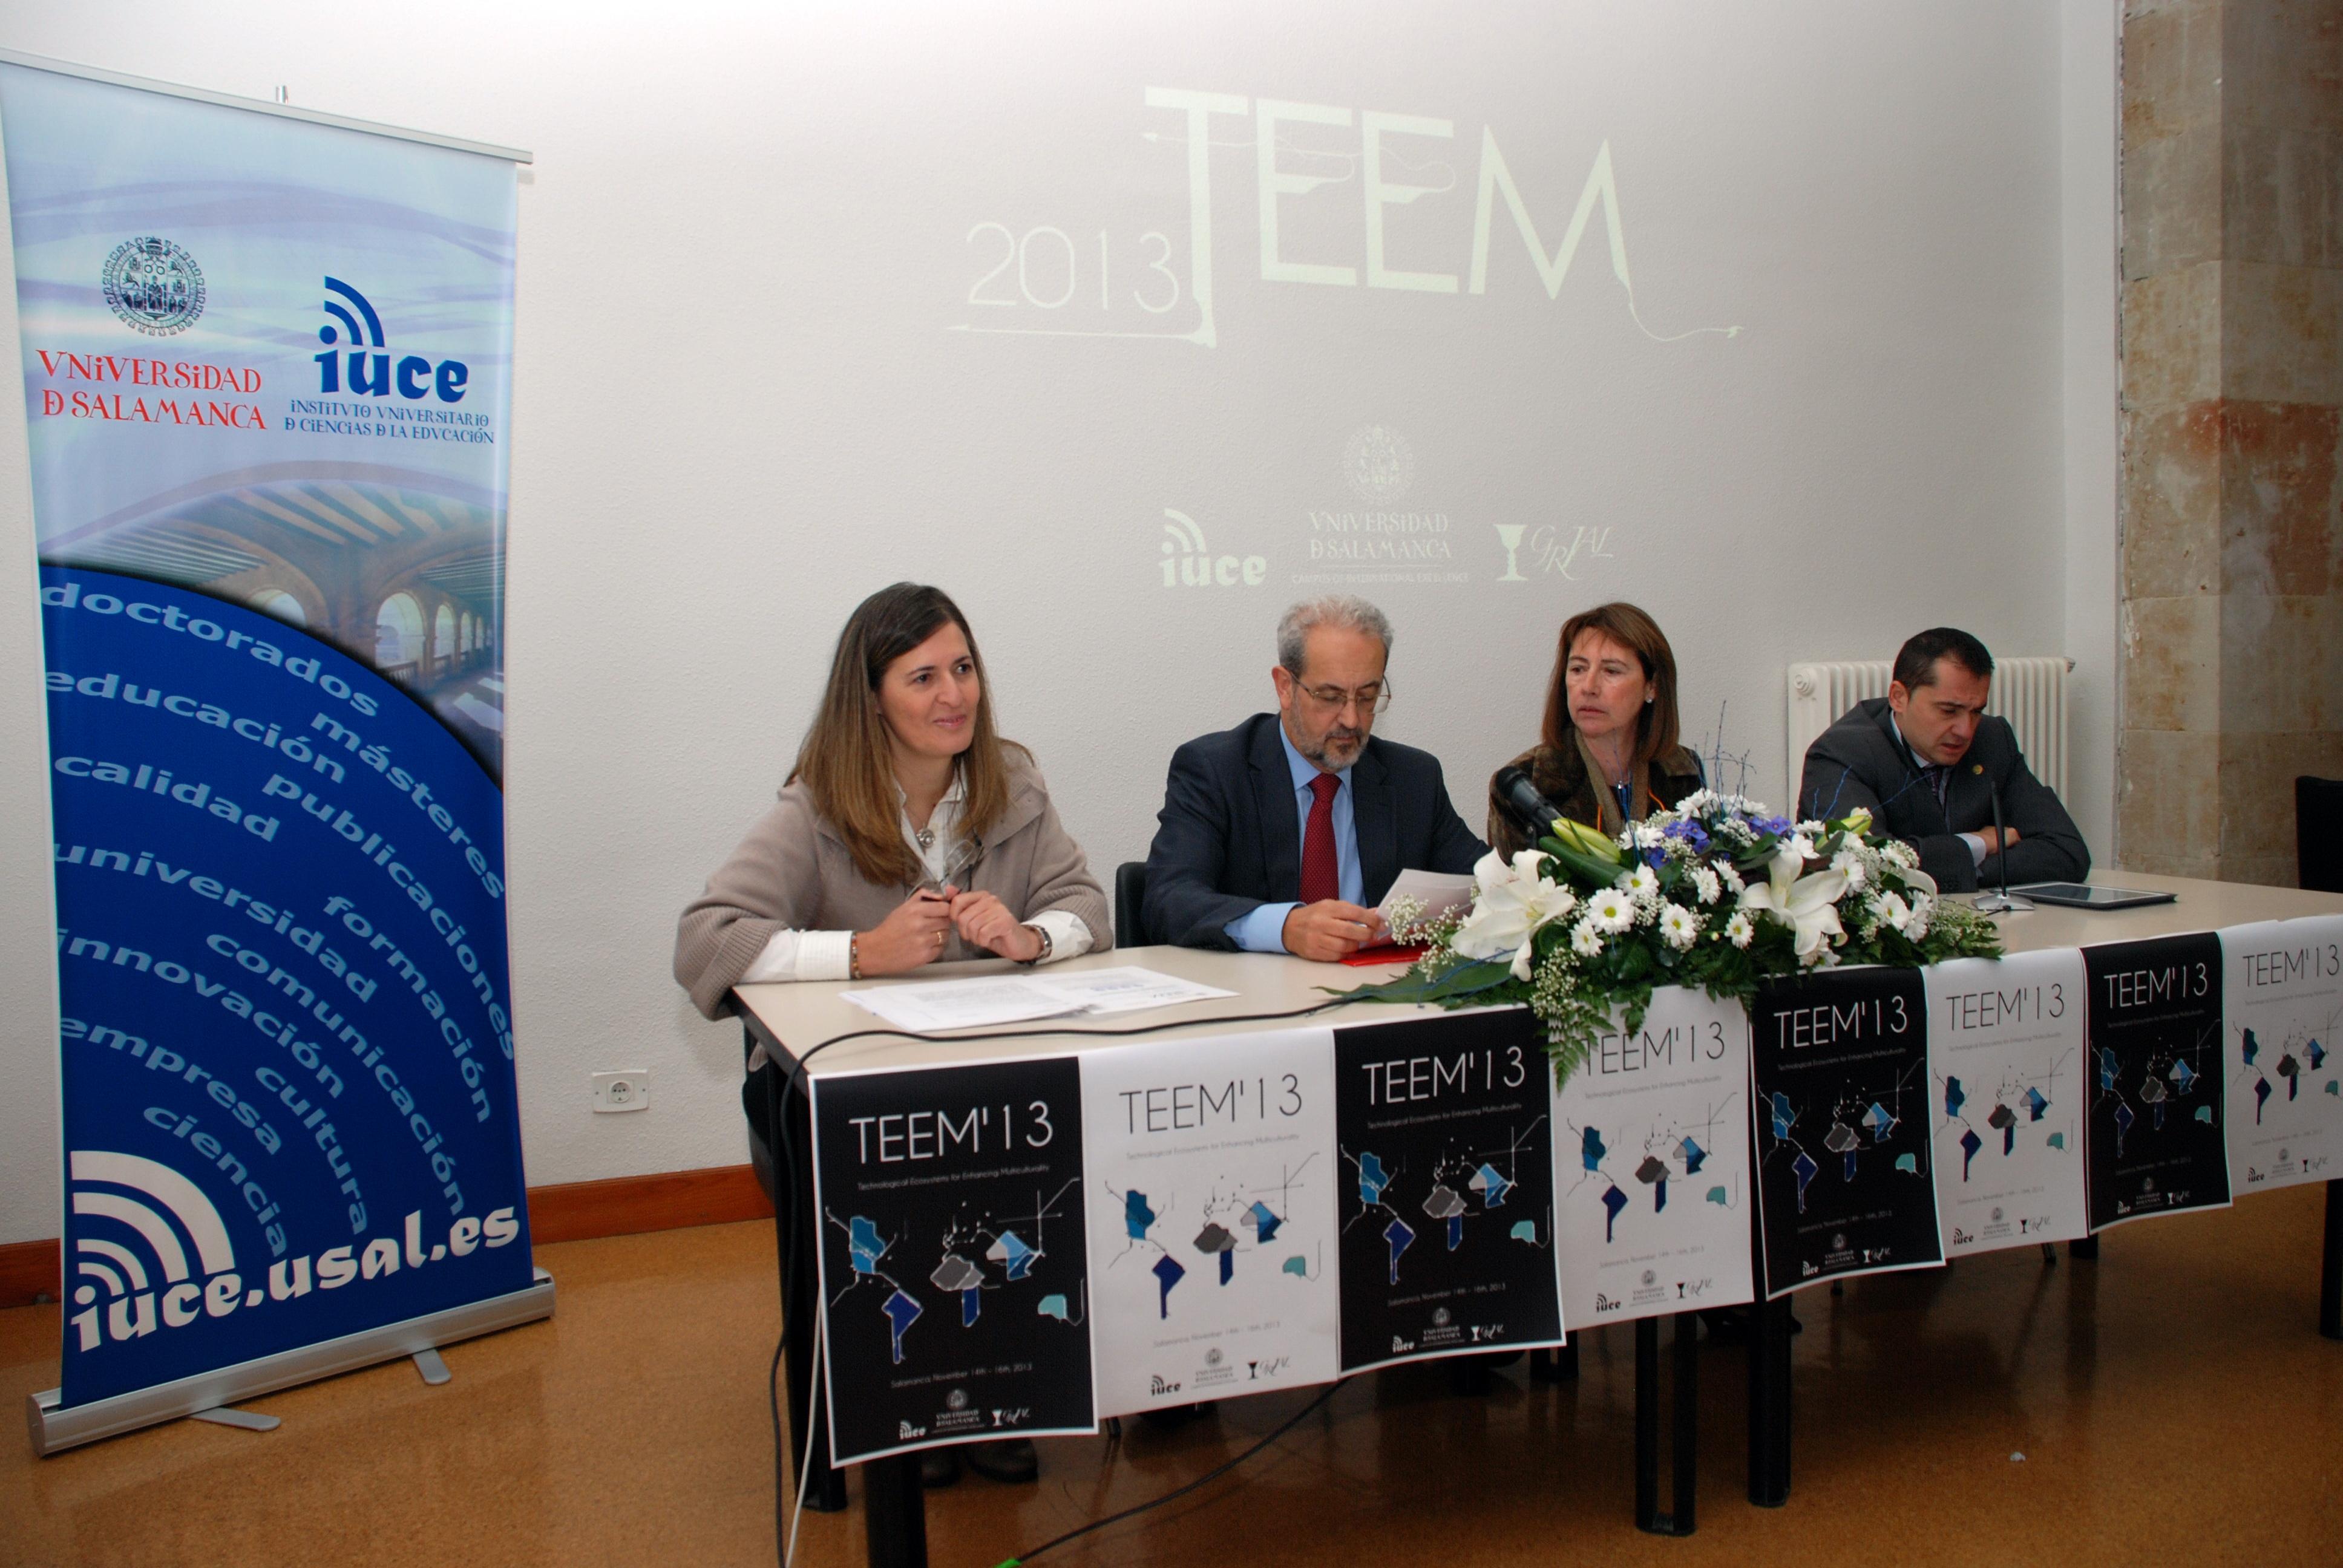 Expertos internacionales revisan en la Universidad de Salamanca nuevas vías para potenciar la multiculturalidad desde la perspectiva interdisciplinar de la Sociedad del Conocimiento